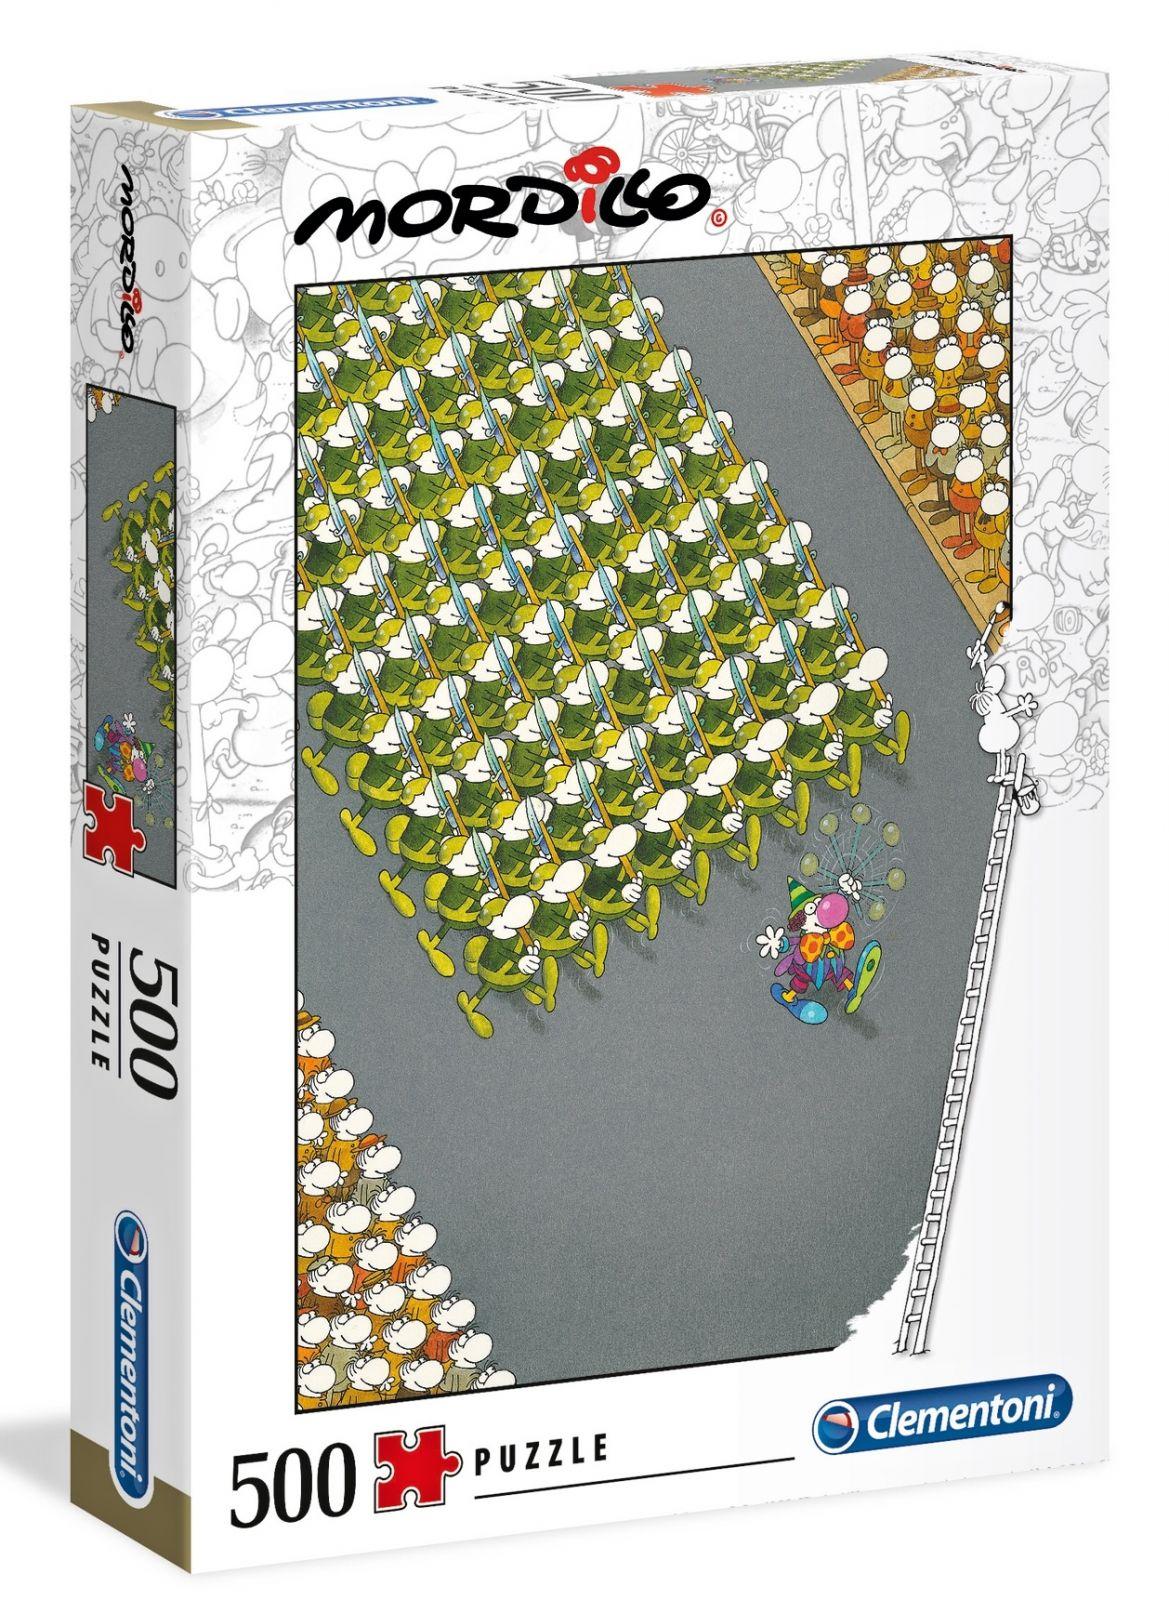 Clementoni puzzle 500 dílků Mordillo - Pochod 35078